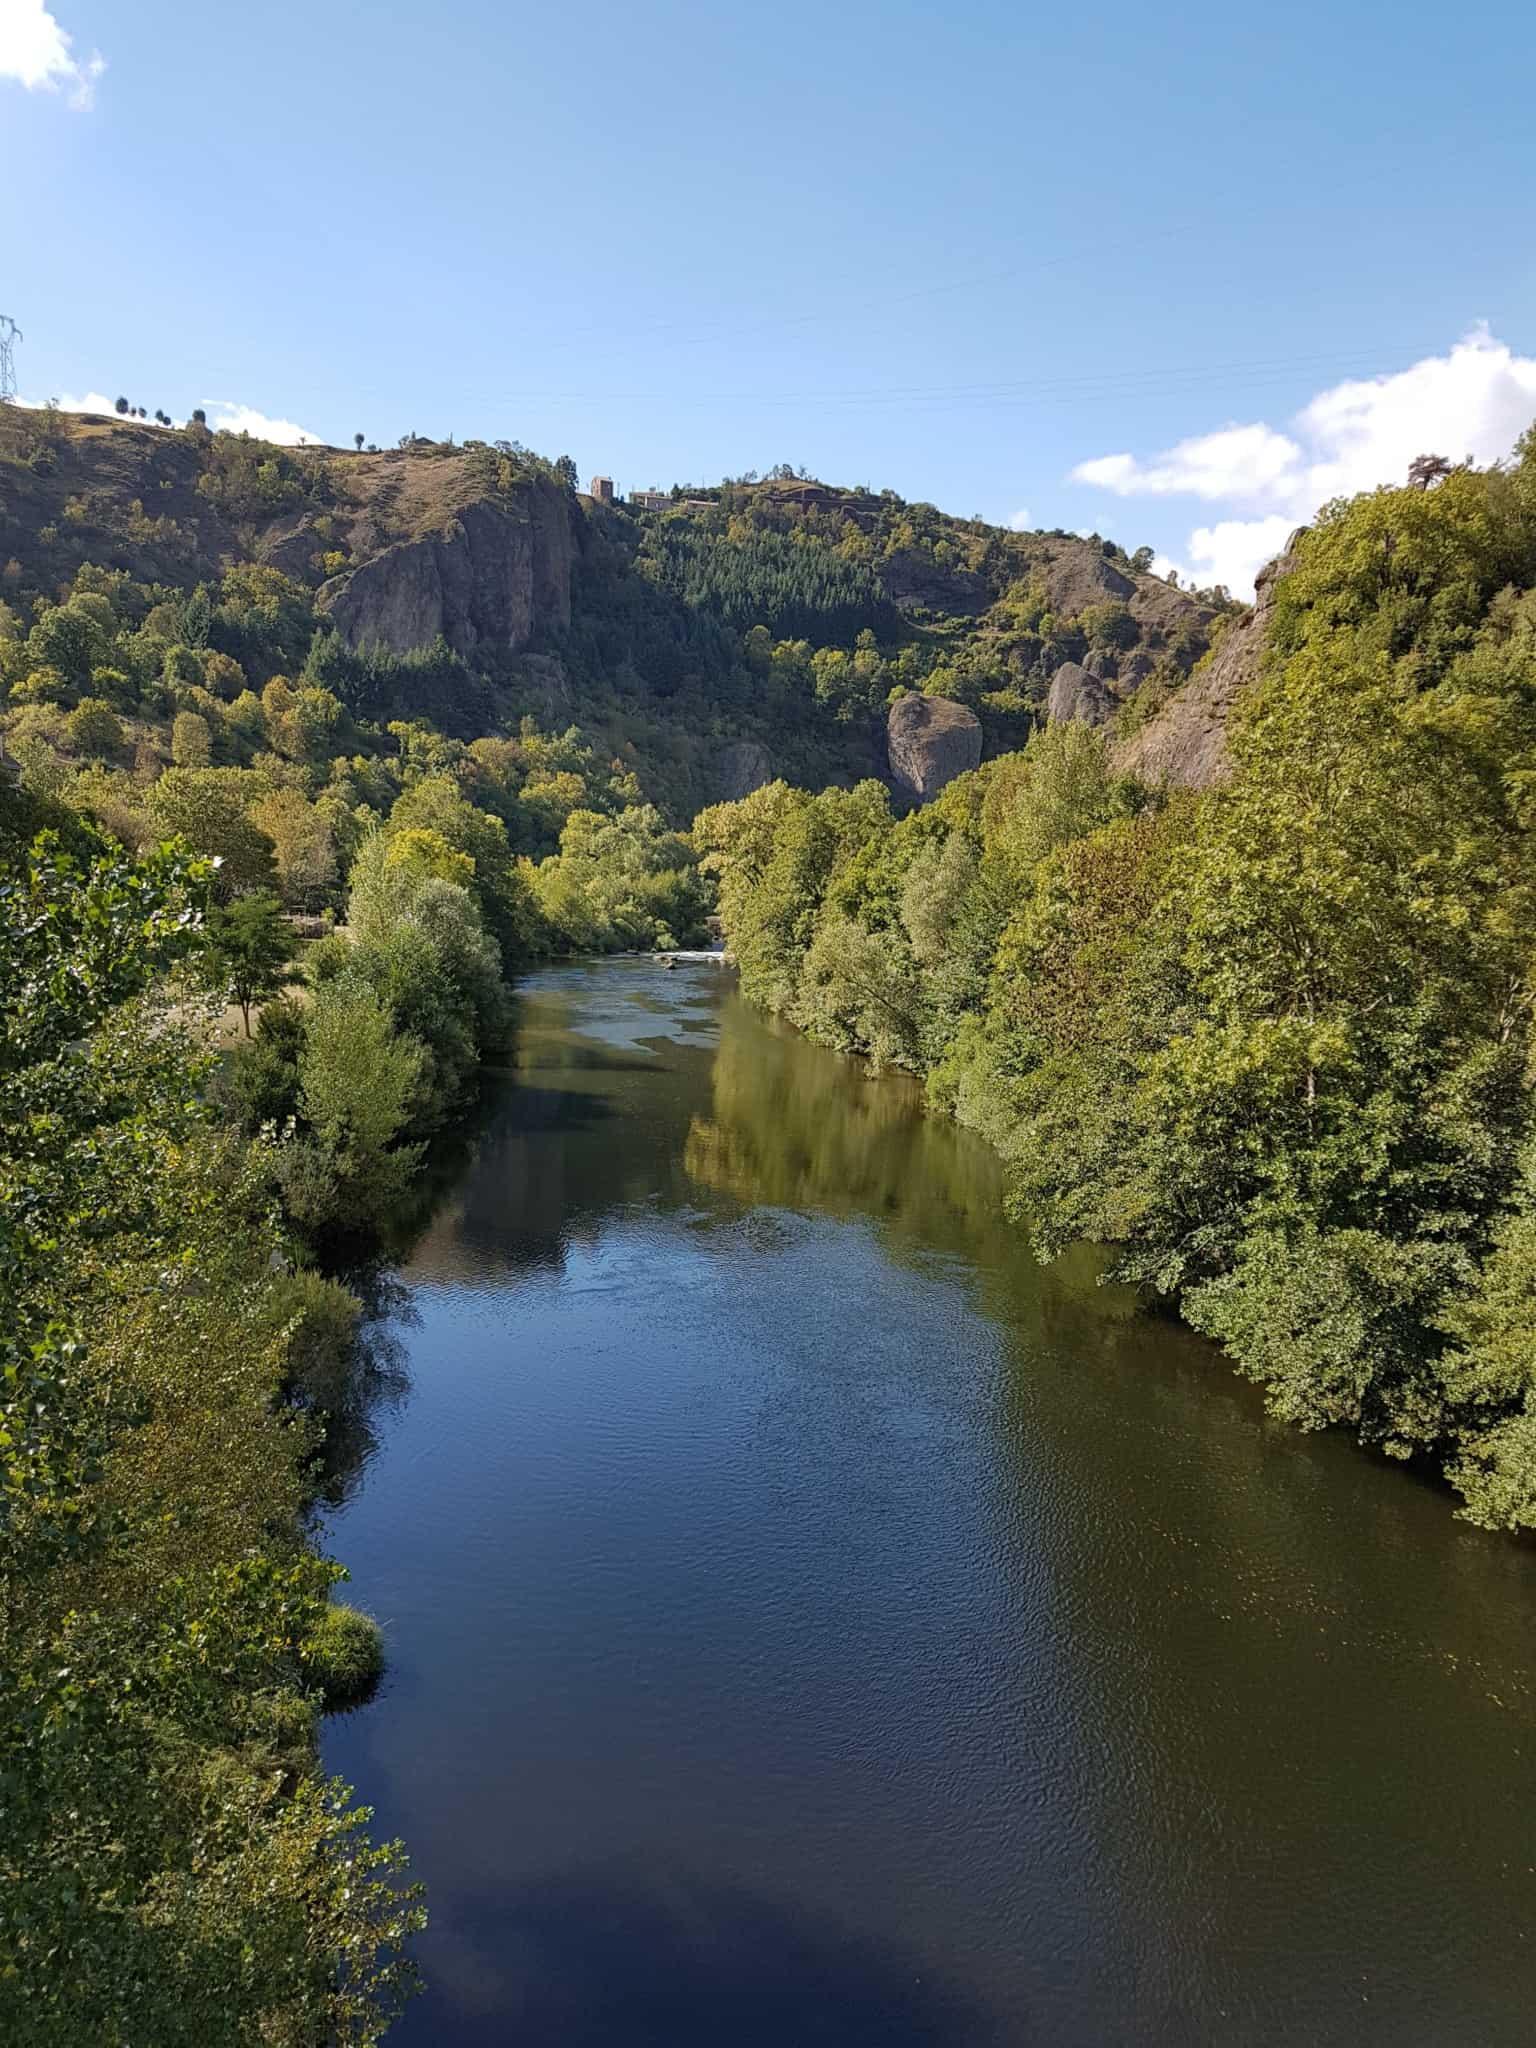 Chemin de Compostelle, en marche vers le pont Eiffel de Monistrol d'Allier 🌉 10